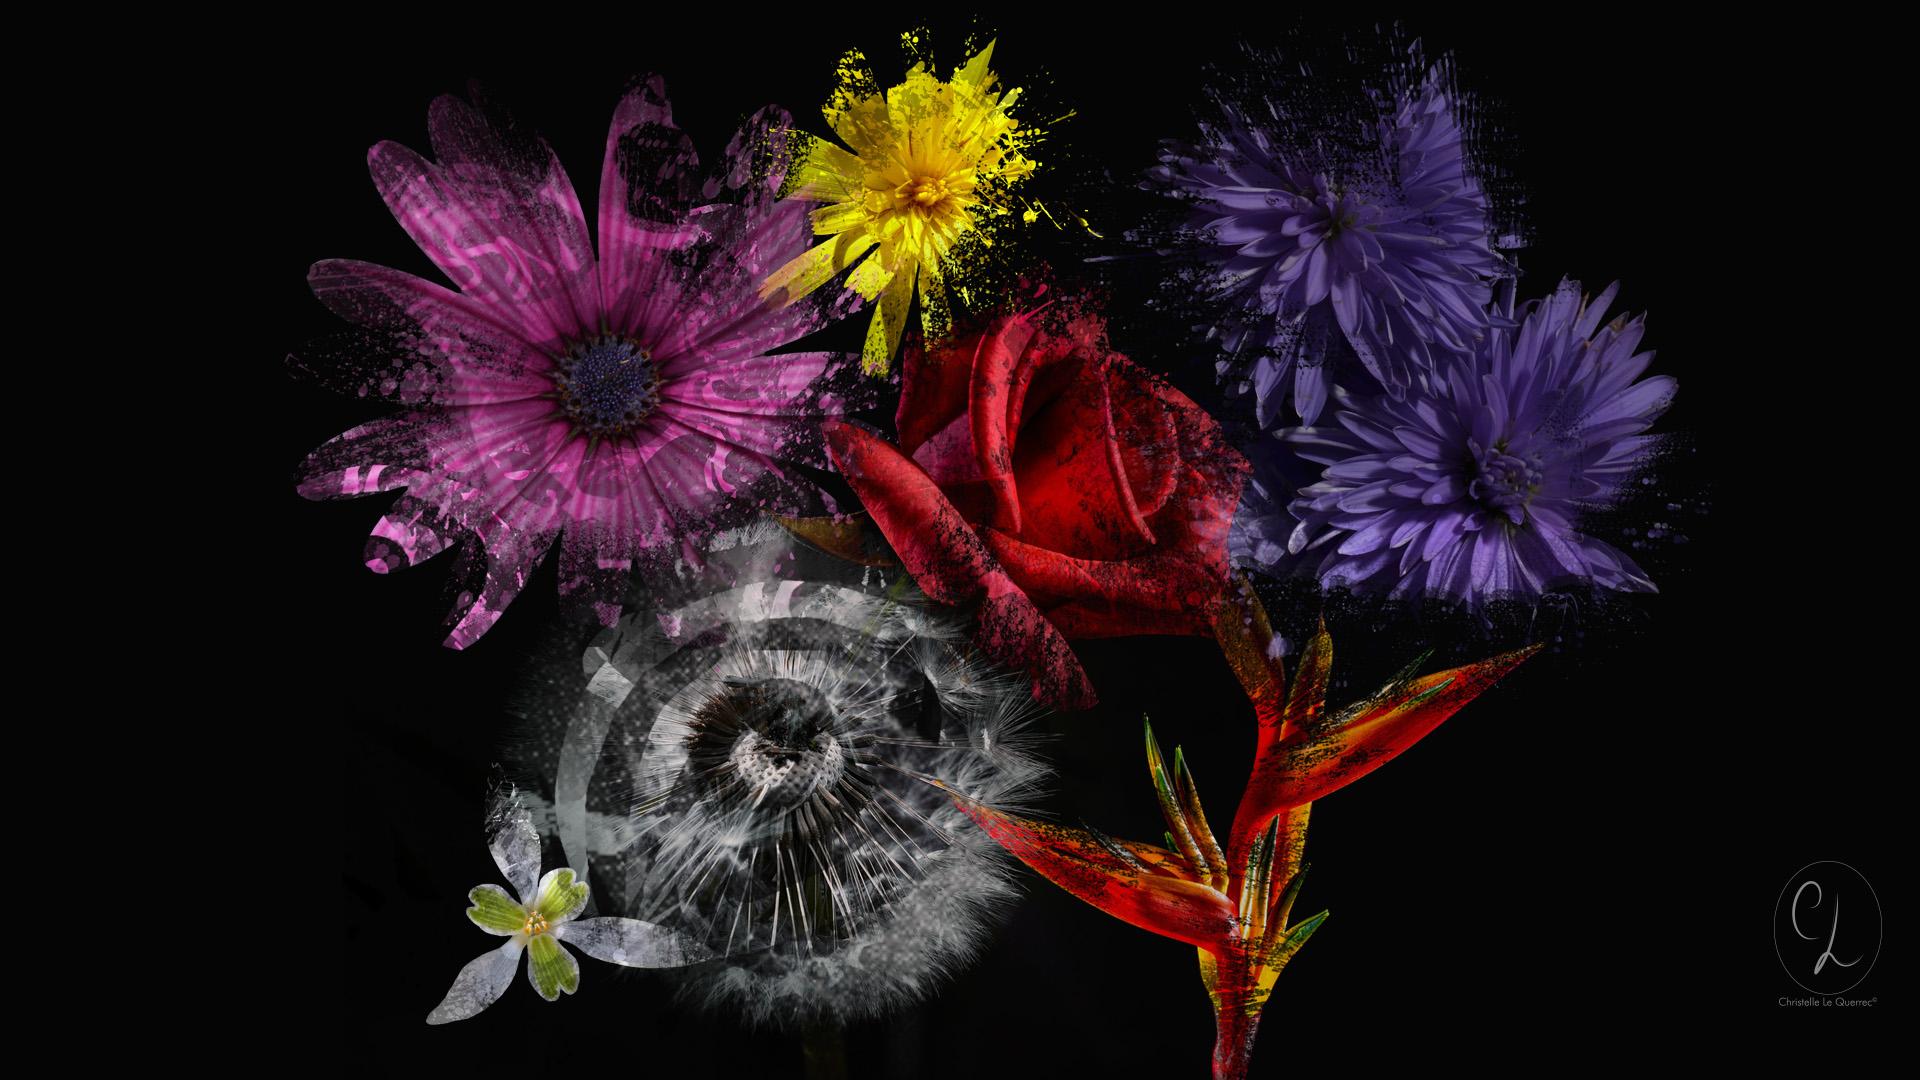 Fond d'écran Explosion de fleur 1920 x 1080 px